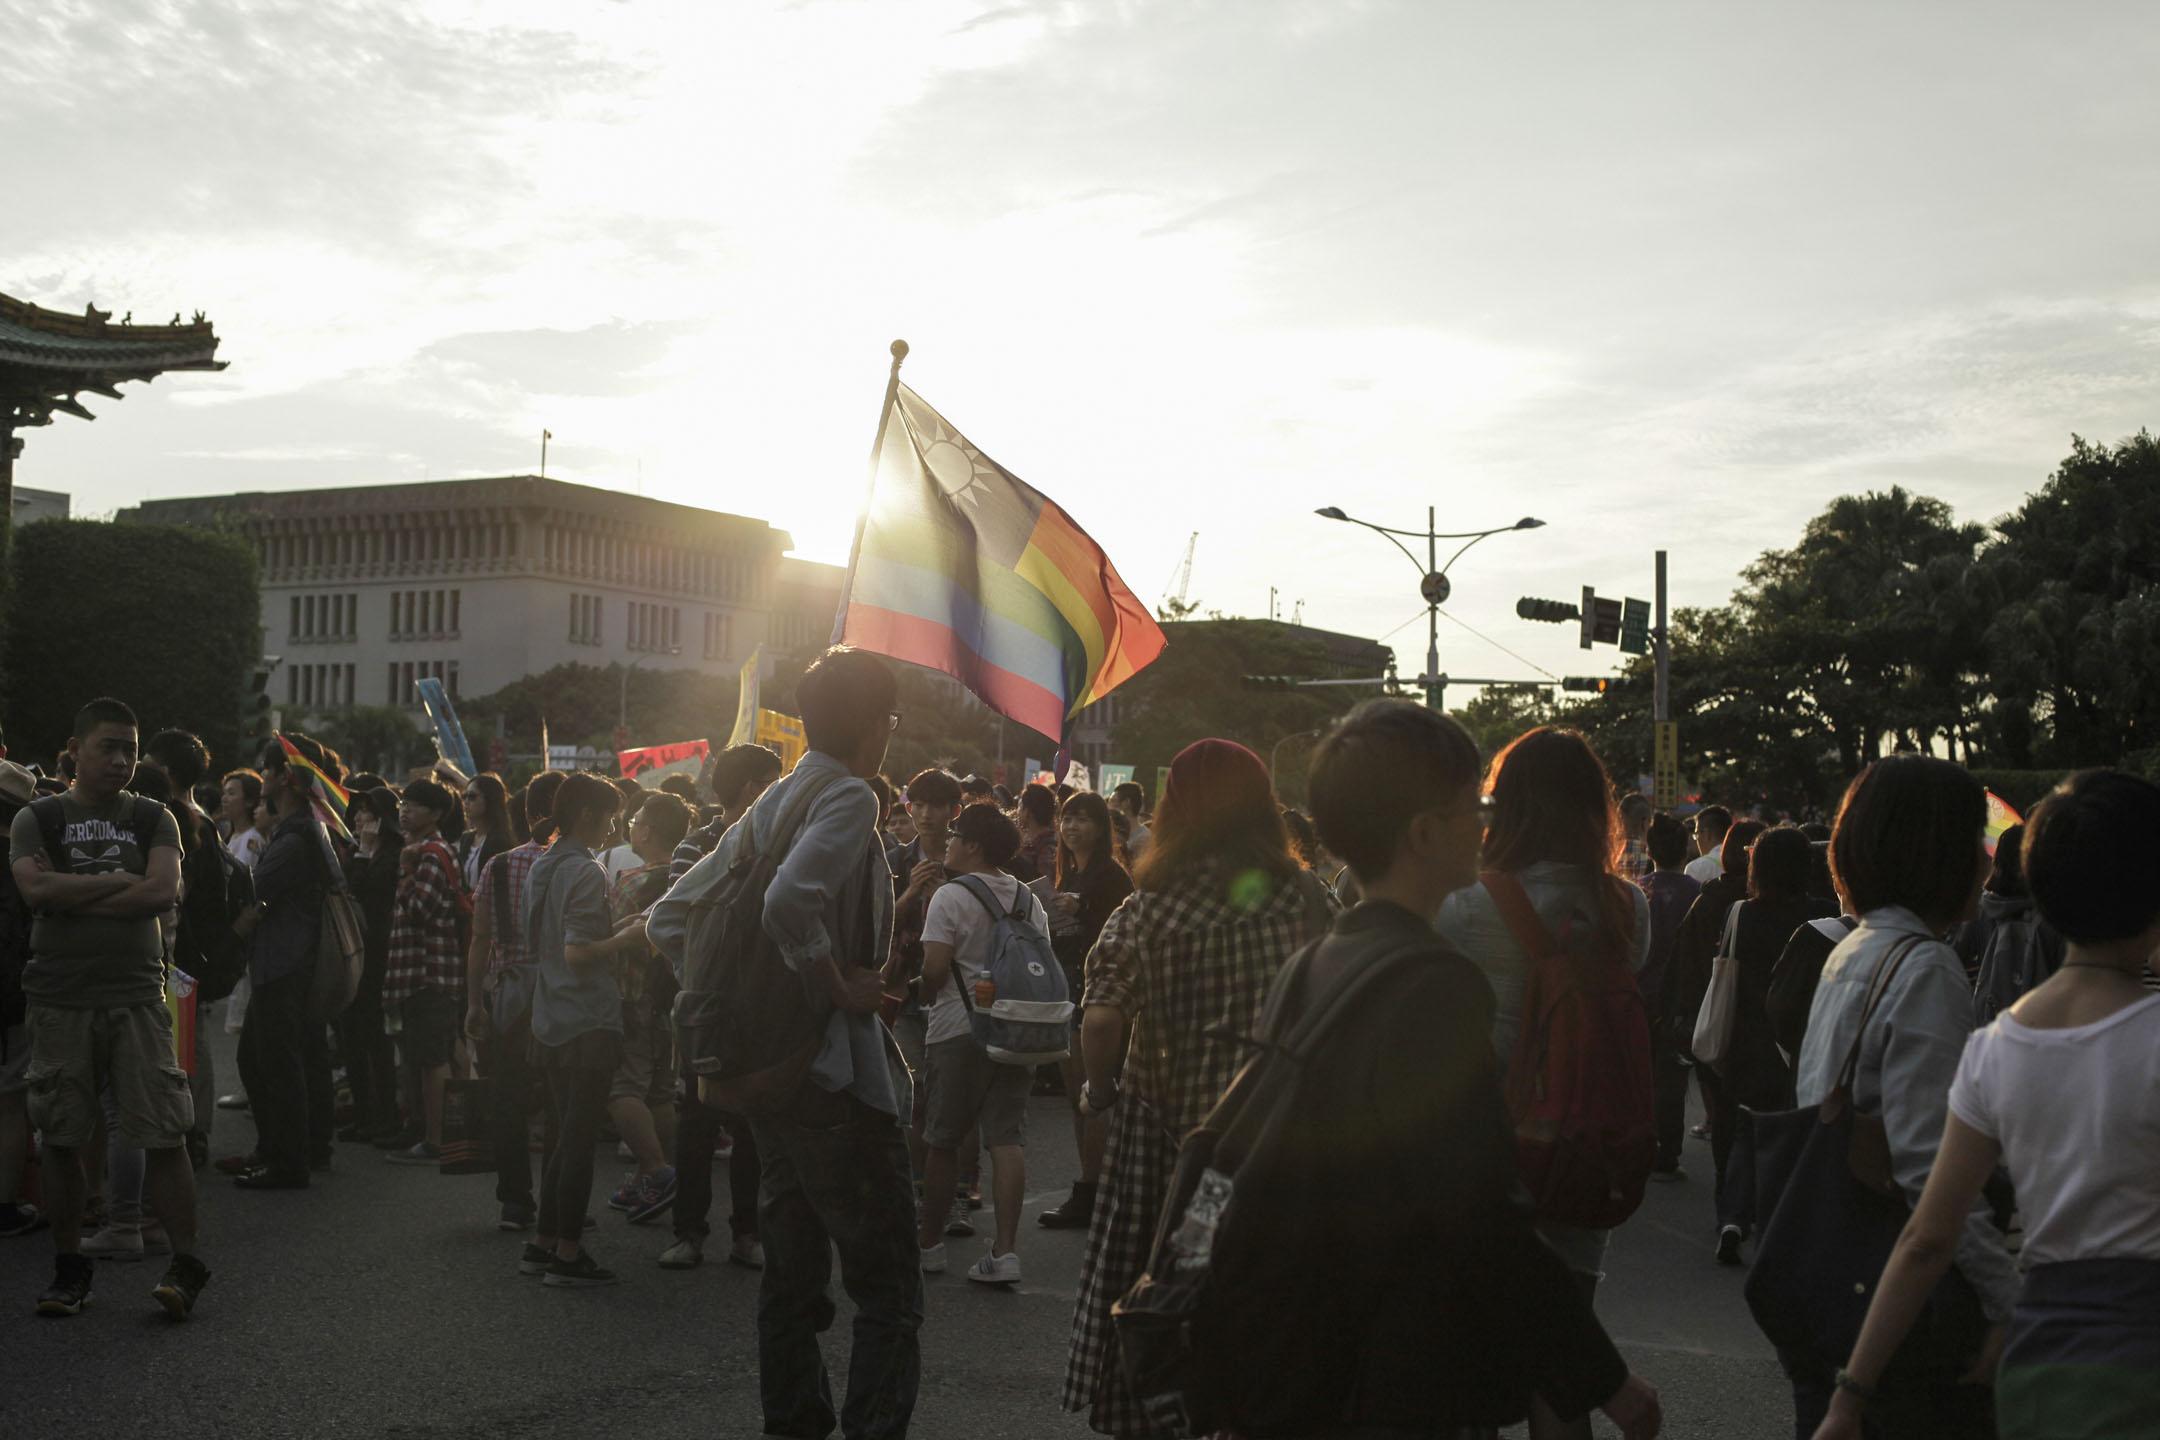 當台灣的婚姻平權露出曙光,這島國的天空會越來越亮吧?只是陽光底下必然還有陰影,有些鳥兒們將離開原本築巢之地,還有些鳥兒會繼續把巢築在太陽照不到的地方。都很好。圖為2013年10月25日,於台北舉行的同志平權集會。 攝: Yunjie Liao/Pacific Press/LightRocket via Getty Images